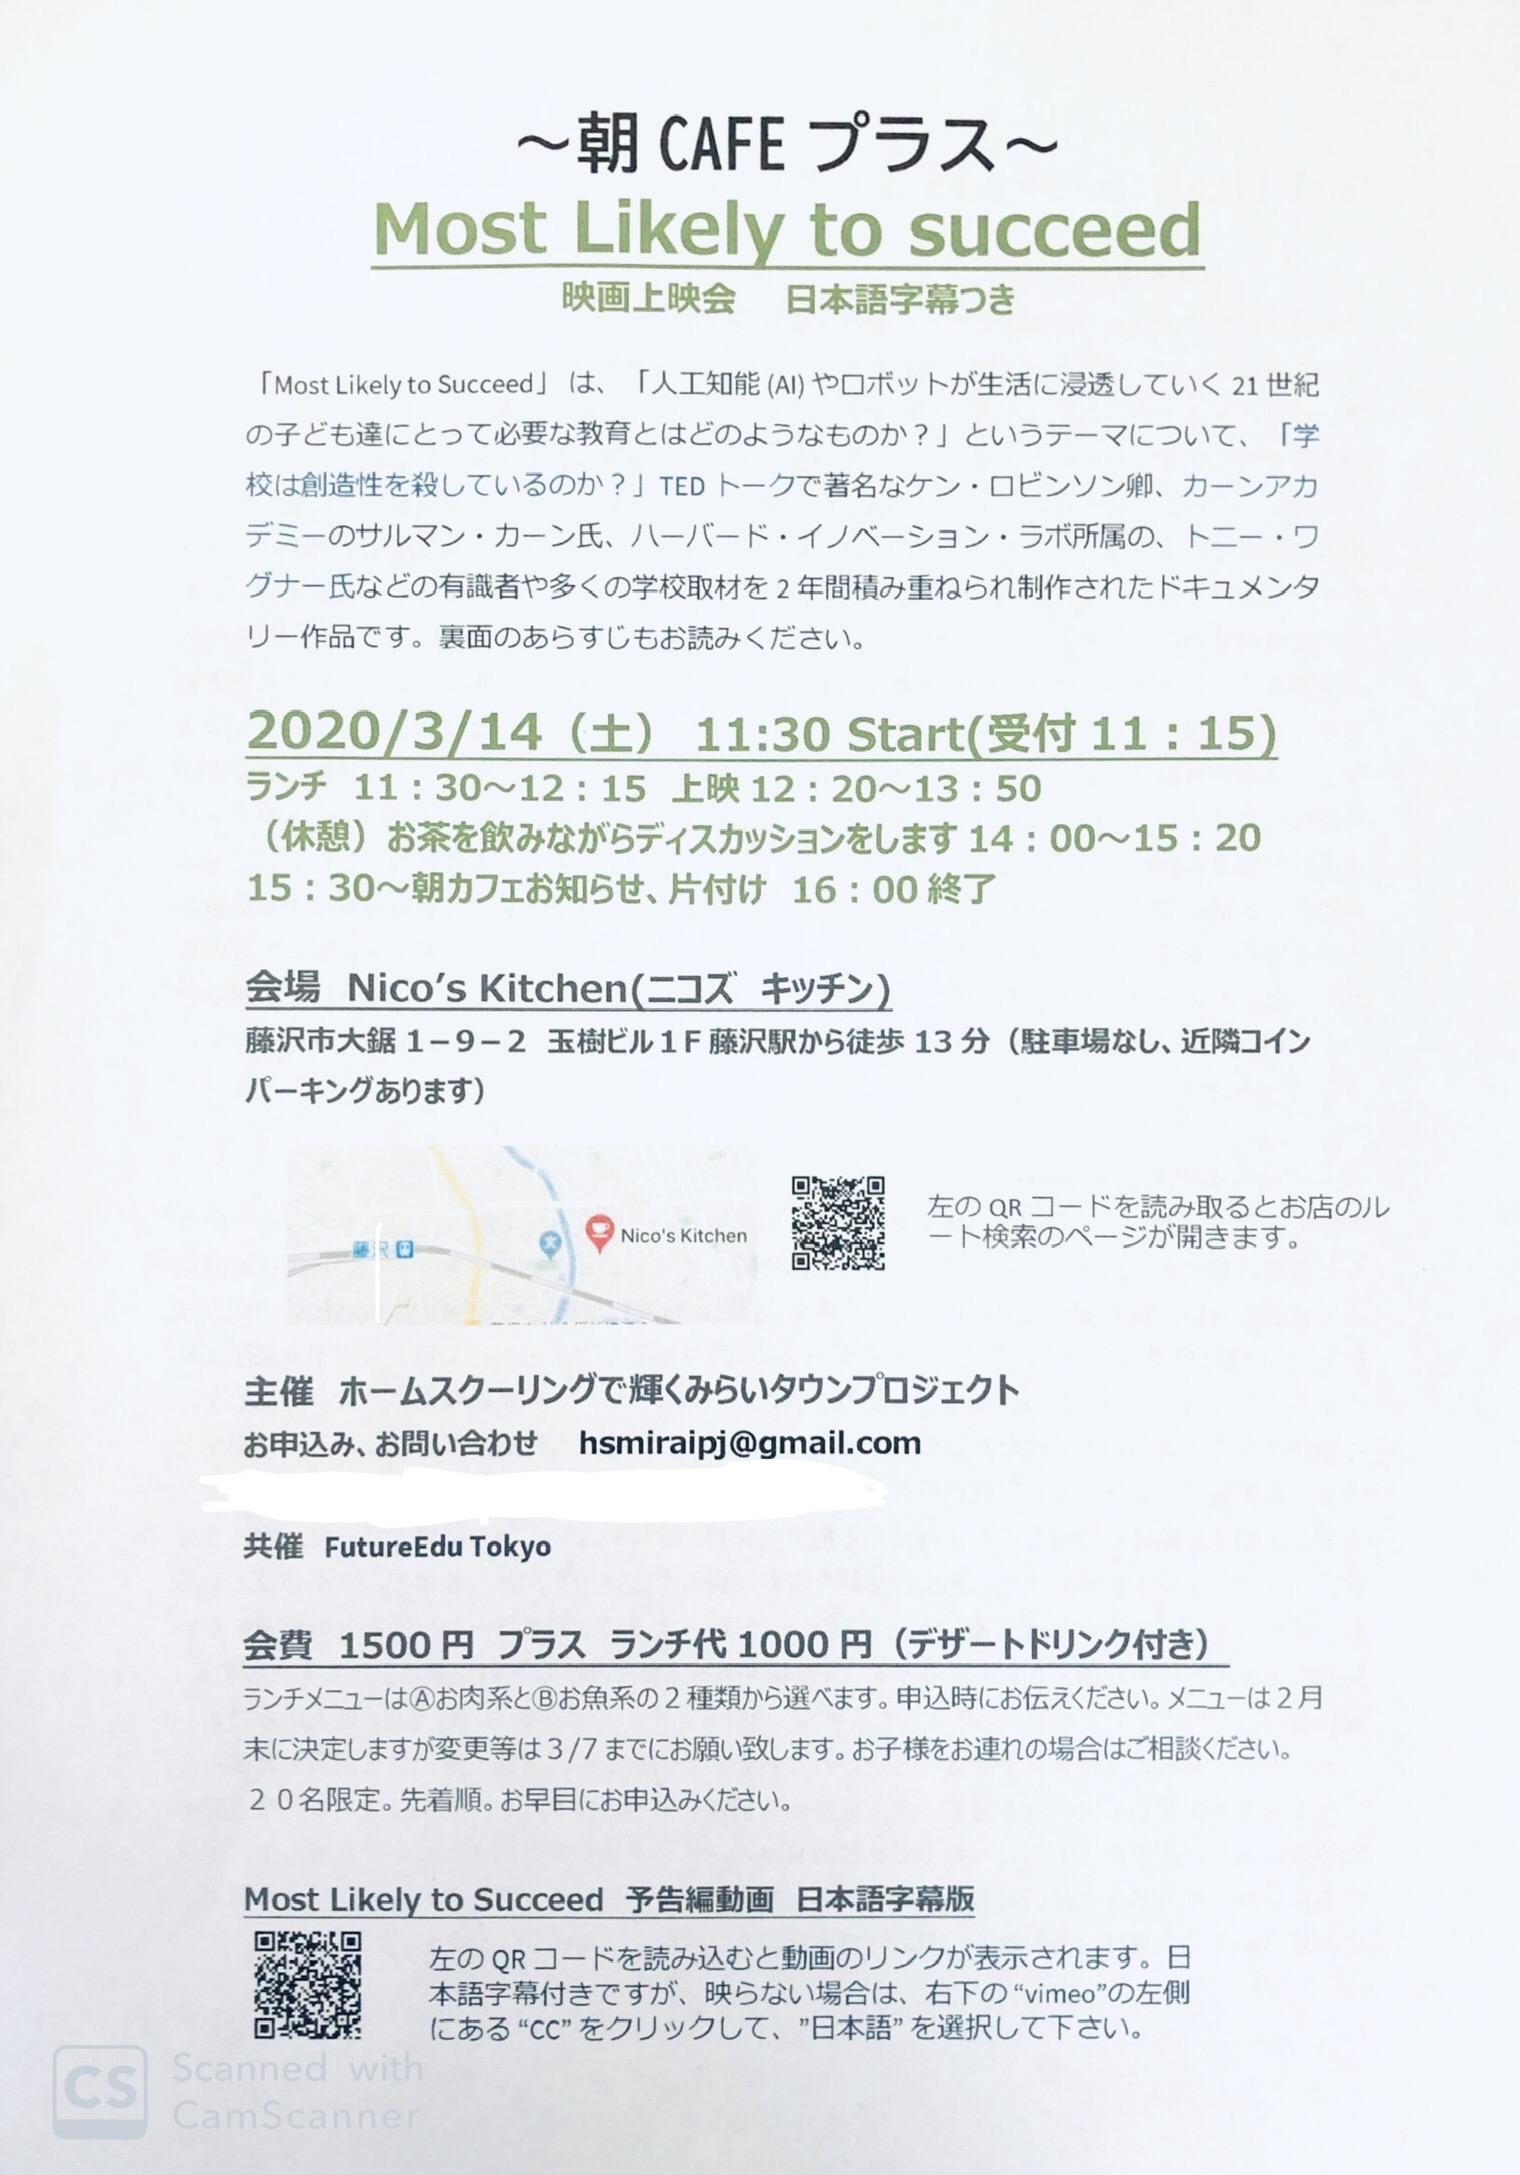 受付締切ました【朝カフェプラス】3/14(土)開催 映画「 Most Likely to succeed」上映会!